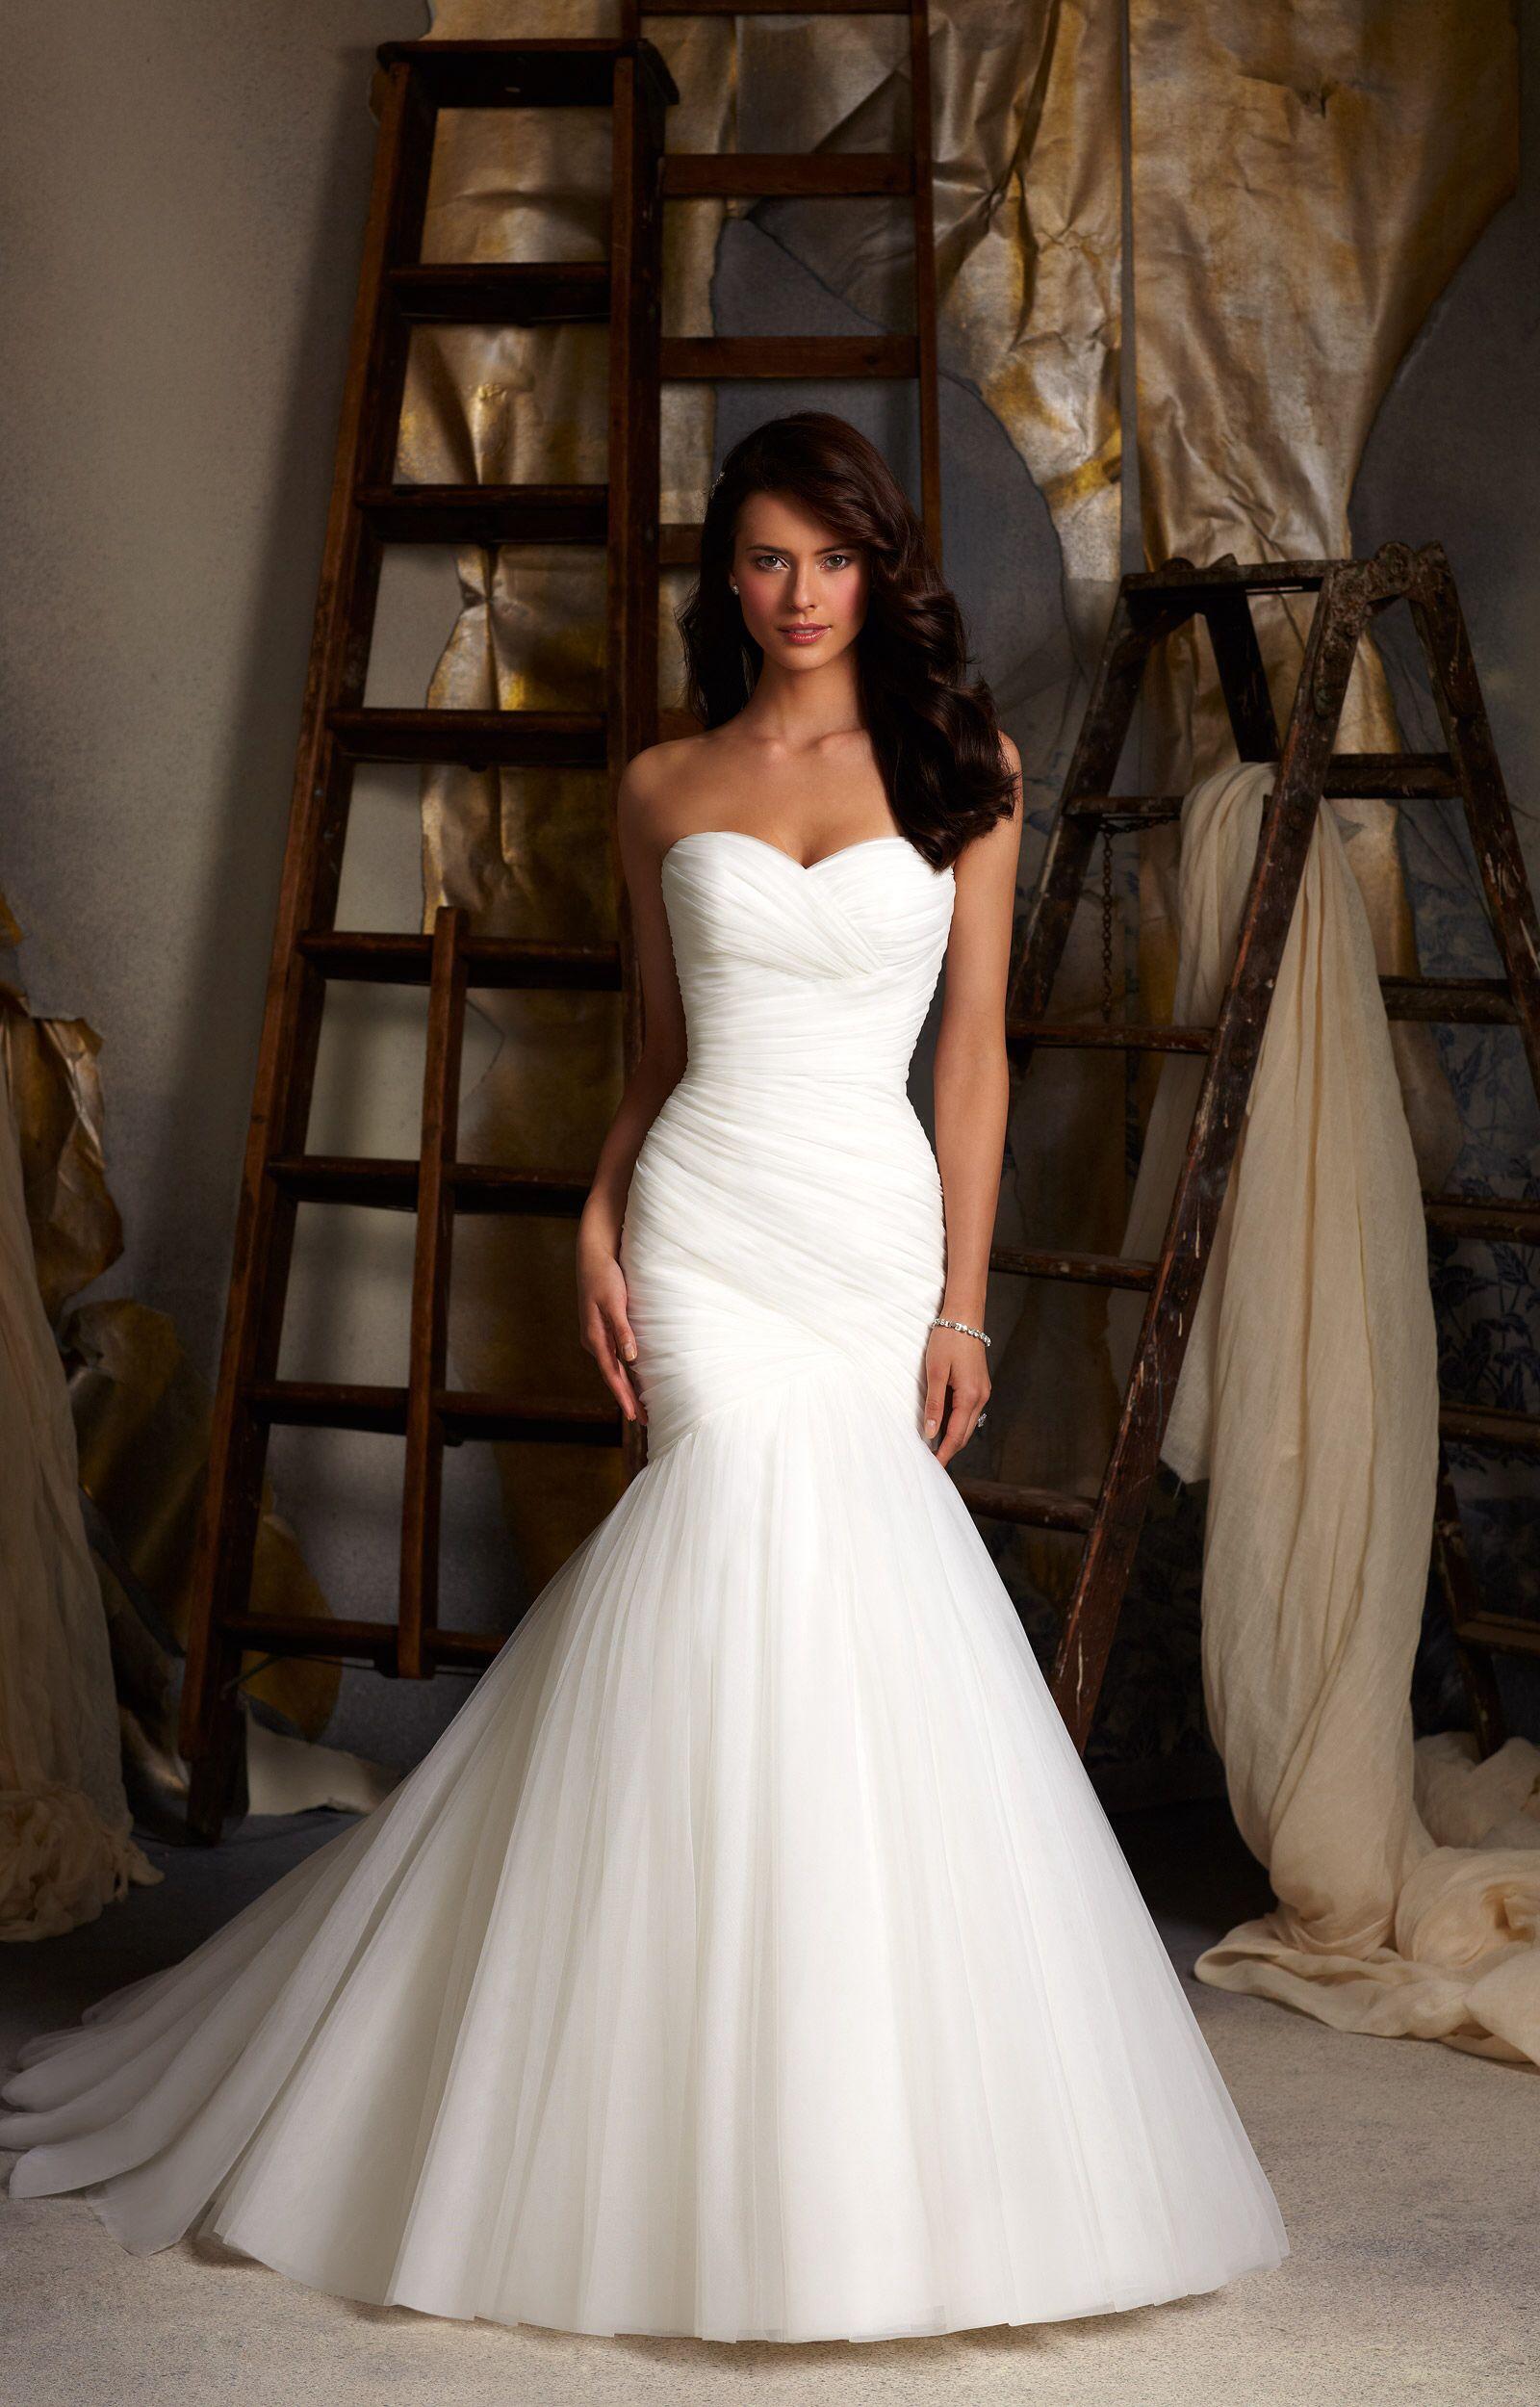 Pin von Anita Quintero auf Wedding Dresses! ❤ | Pinterest